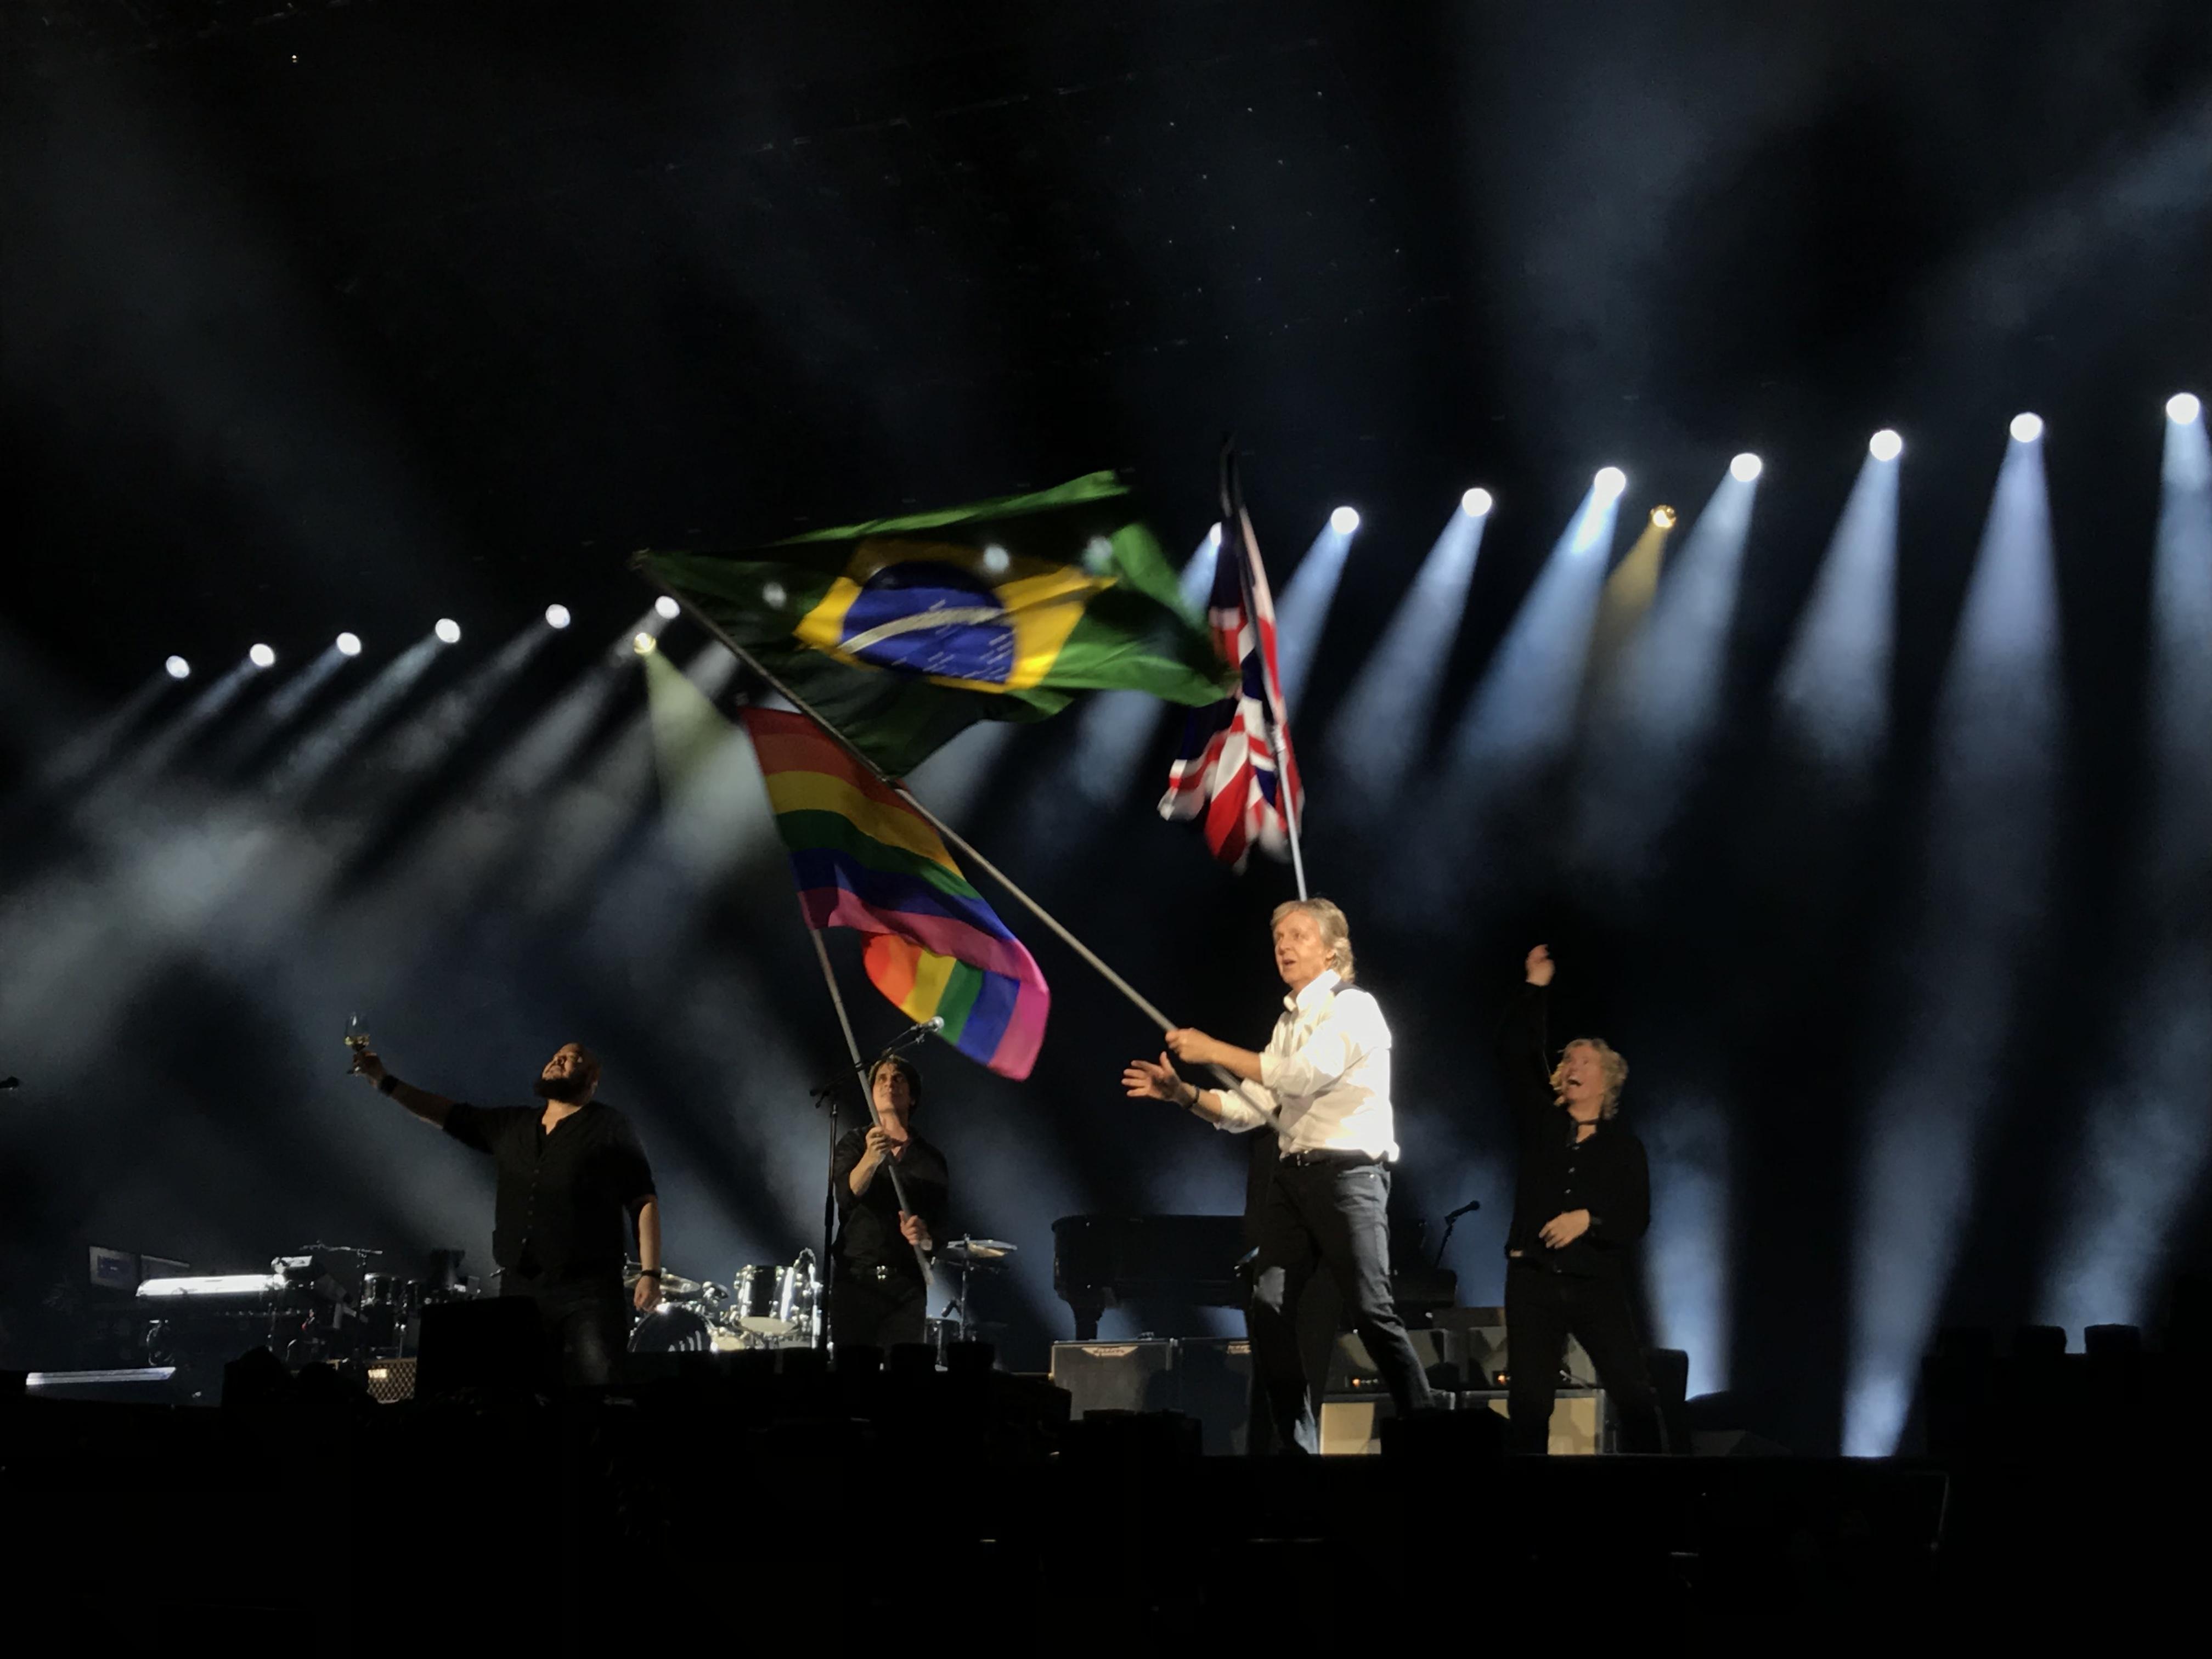 Em São Paulo, Paul McCartney estreia nova turnê com músicas inéditas no Brasil